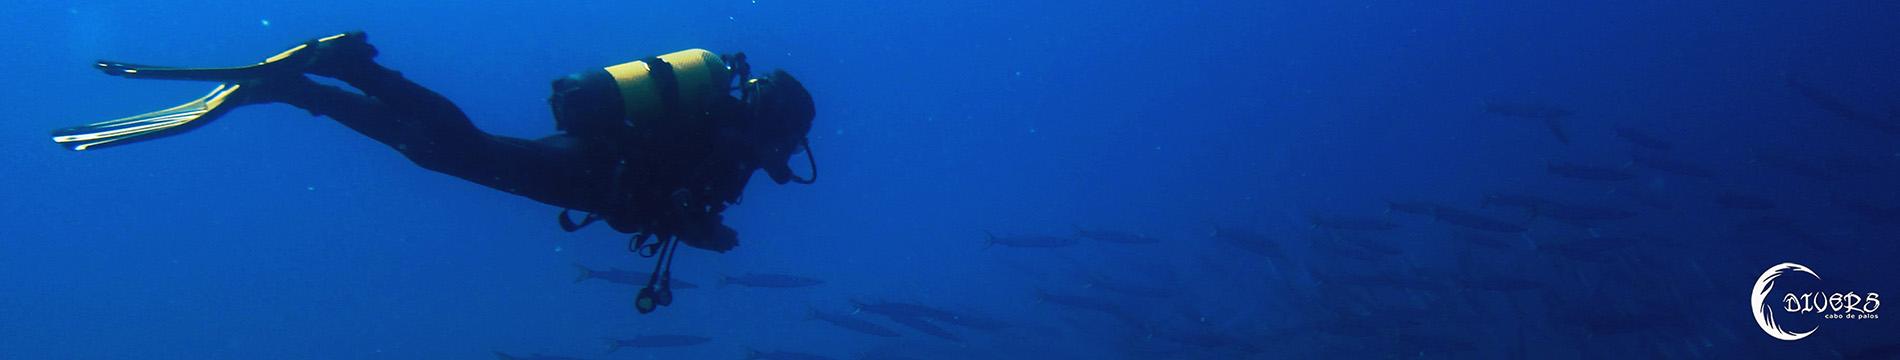 Buceando con Barracudas en el Piles 1